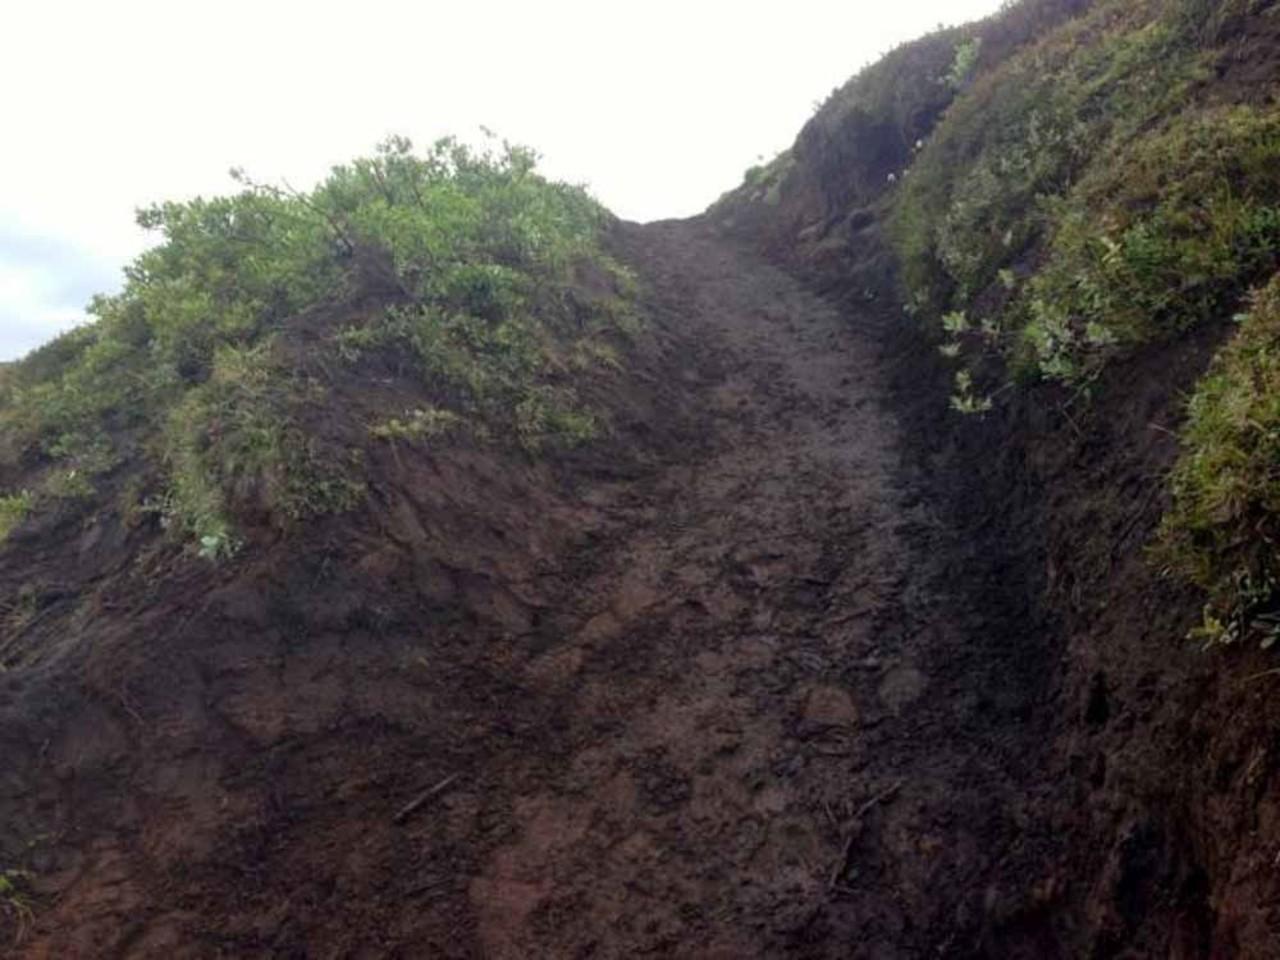 Emstrur trail in Iceland after the restoration work has complet